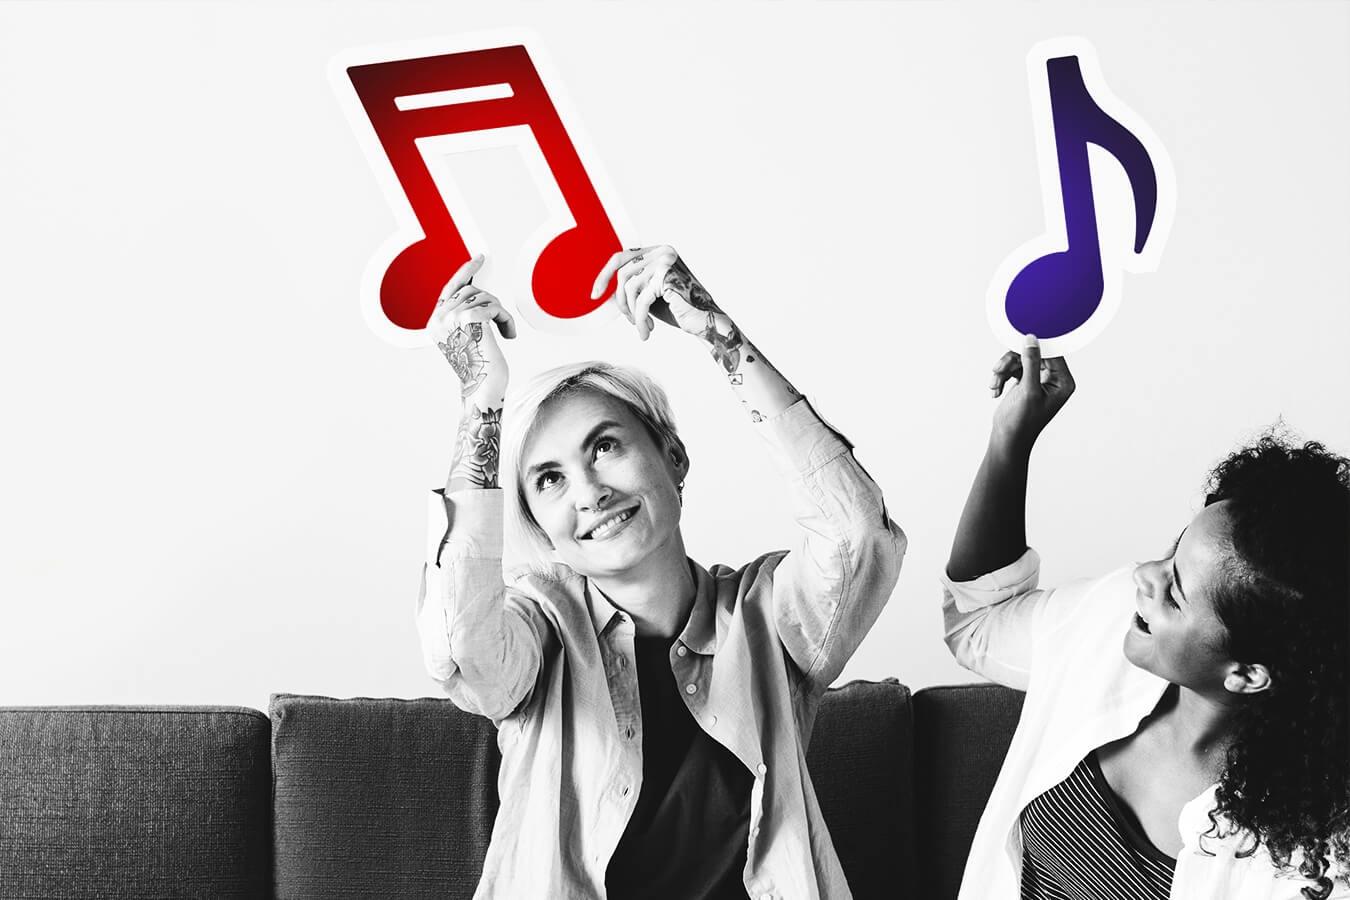 Müziğin Hayatınızda Olması İçin 5 Neden